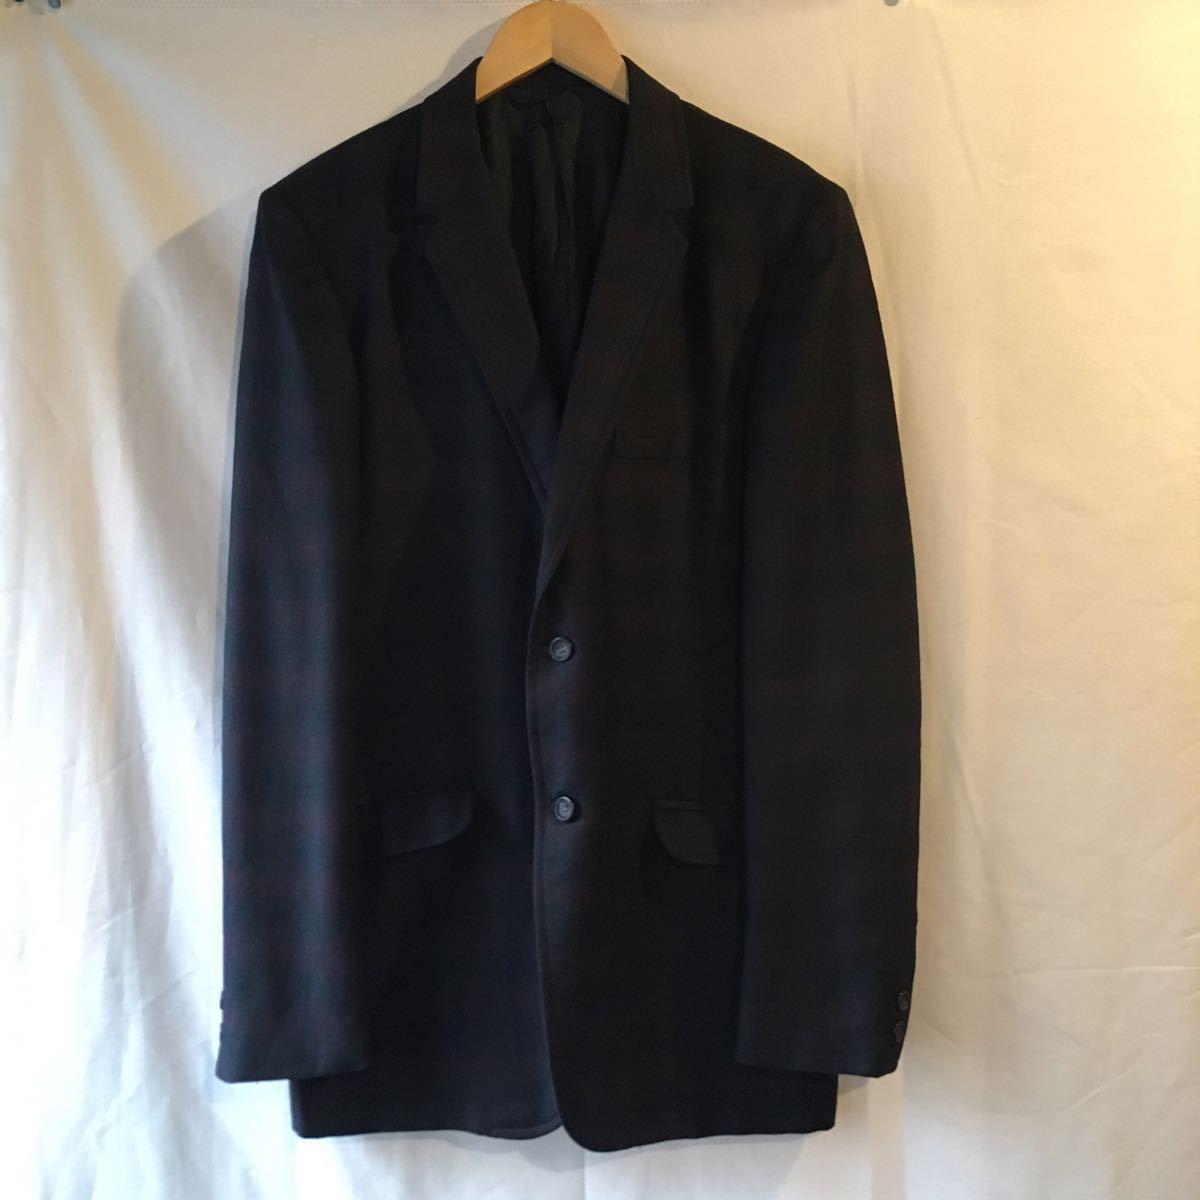 1960's オンブレ ビンテージ テーラードジャケット HAMPTON HEATH シャドーチェック モッズ アイビー UK 黒 ブラック 50s 70s_画像1